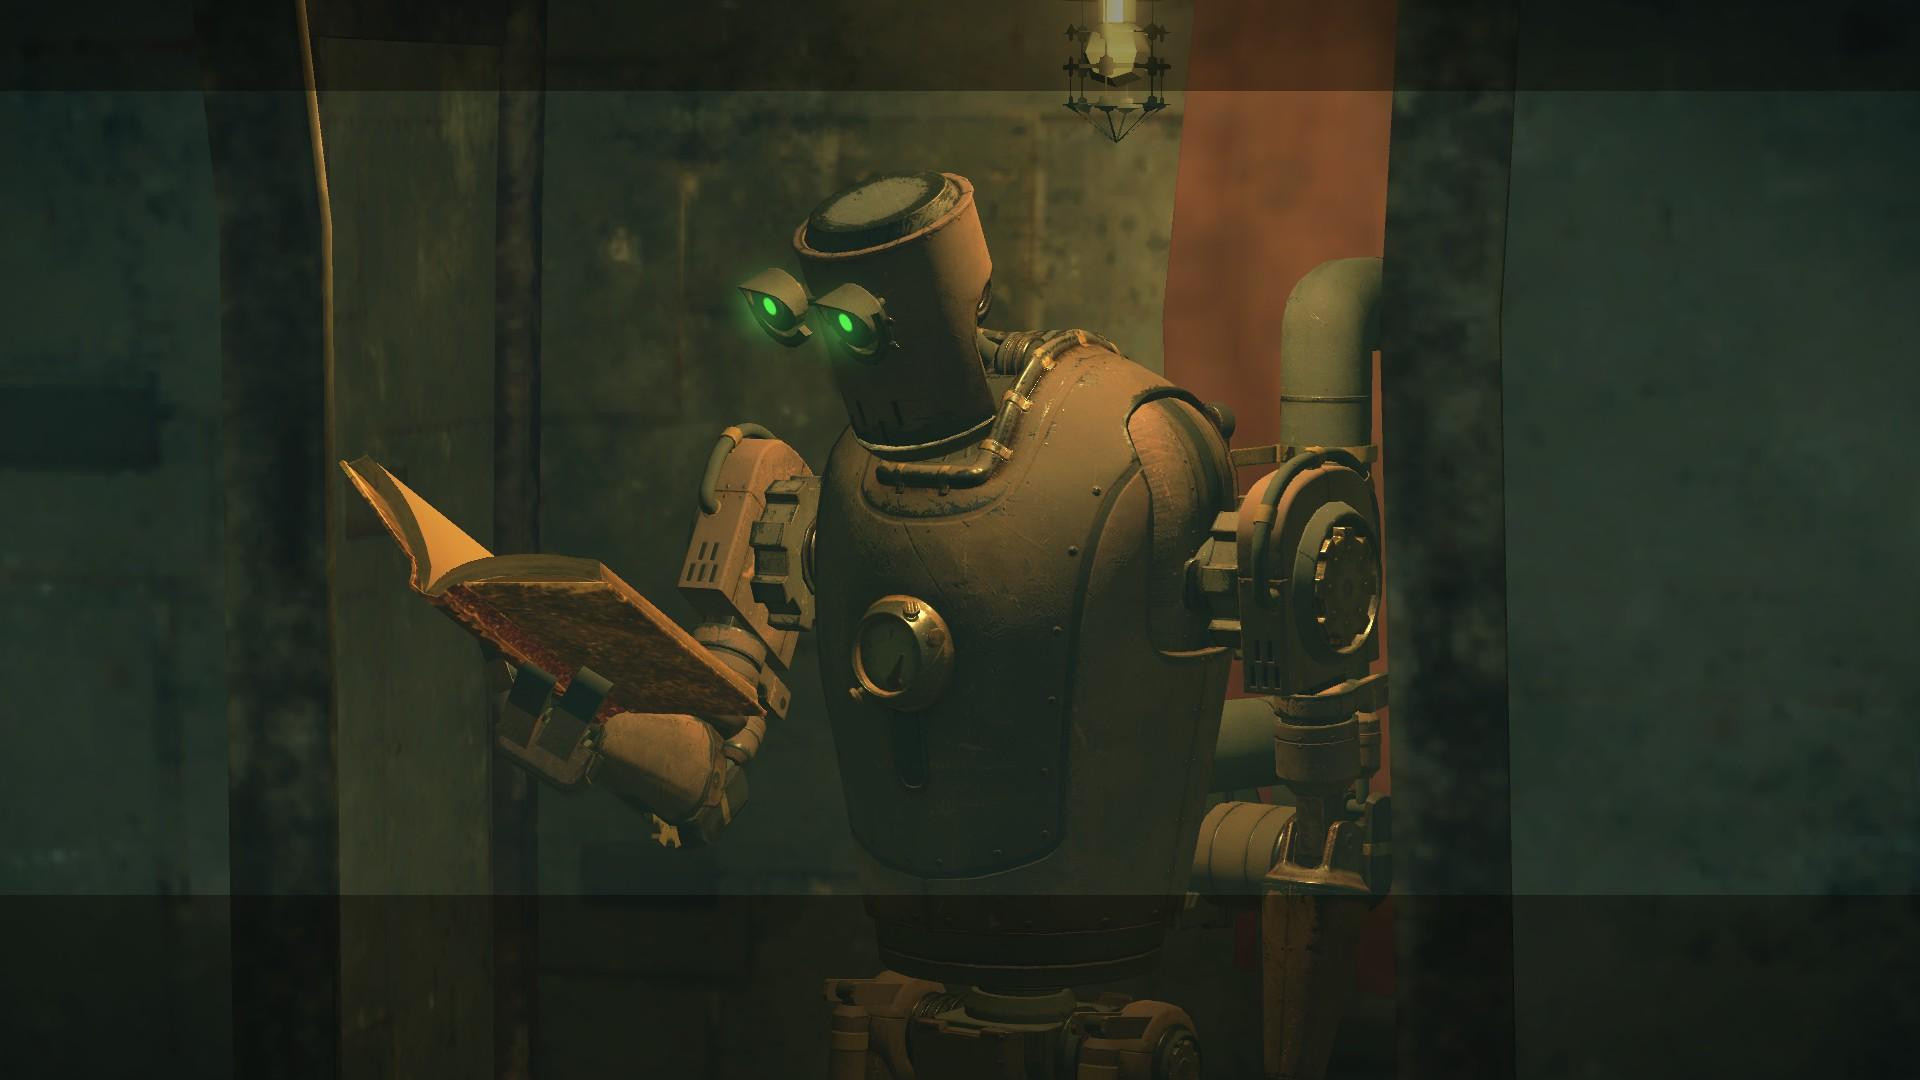 Nier Automata 008.jpg - NieR: Automata